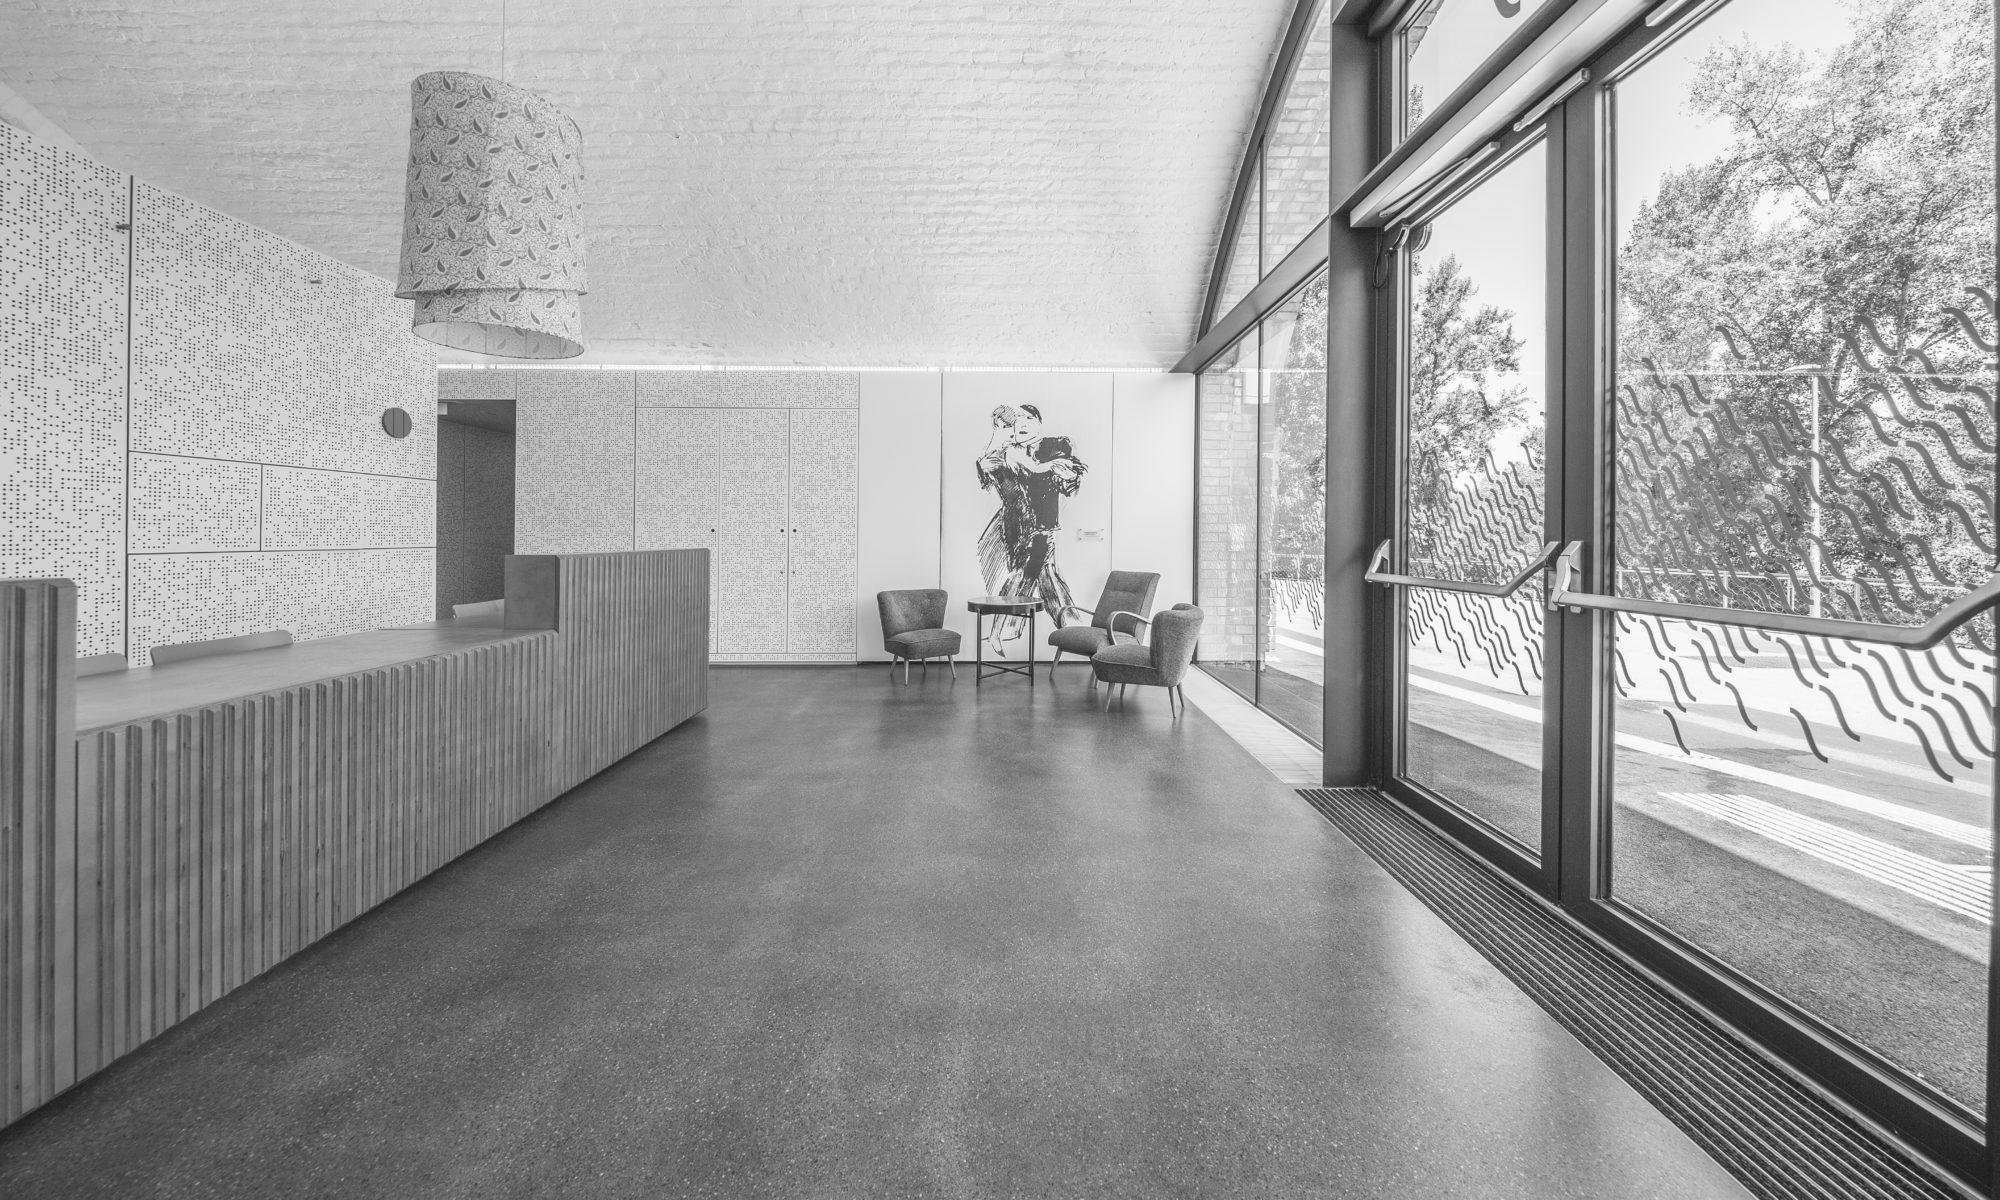 Eingang und Anmeldebereich mit Sitzgruppe und Wandbild eines Tango tanzenden Paares